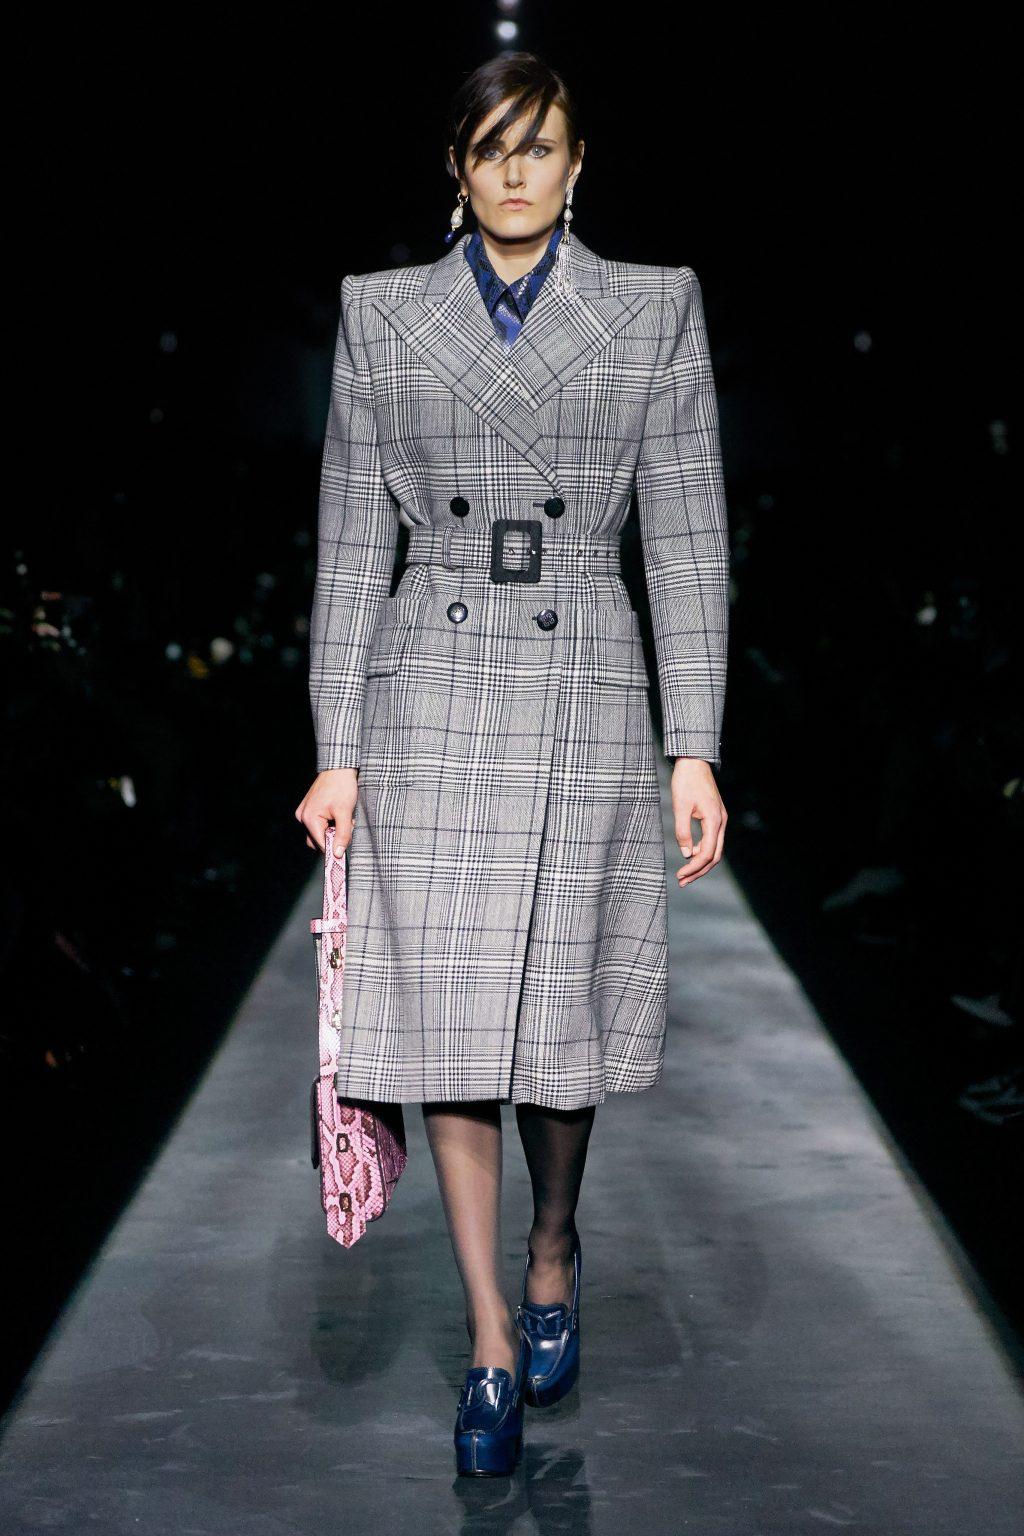 Loafer - item cơ bản của phong cách Preppy xuất hiện trên sàn diễn trong màu xanh navy đang trở thành một trong những xu hướng của mùa thu năm nay. Thiết kế của nhà mốt Givenchy trong bộ sưu tập mùa thu năm 2019